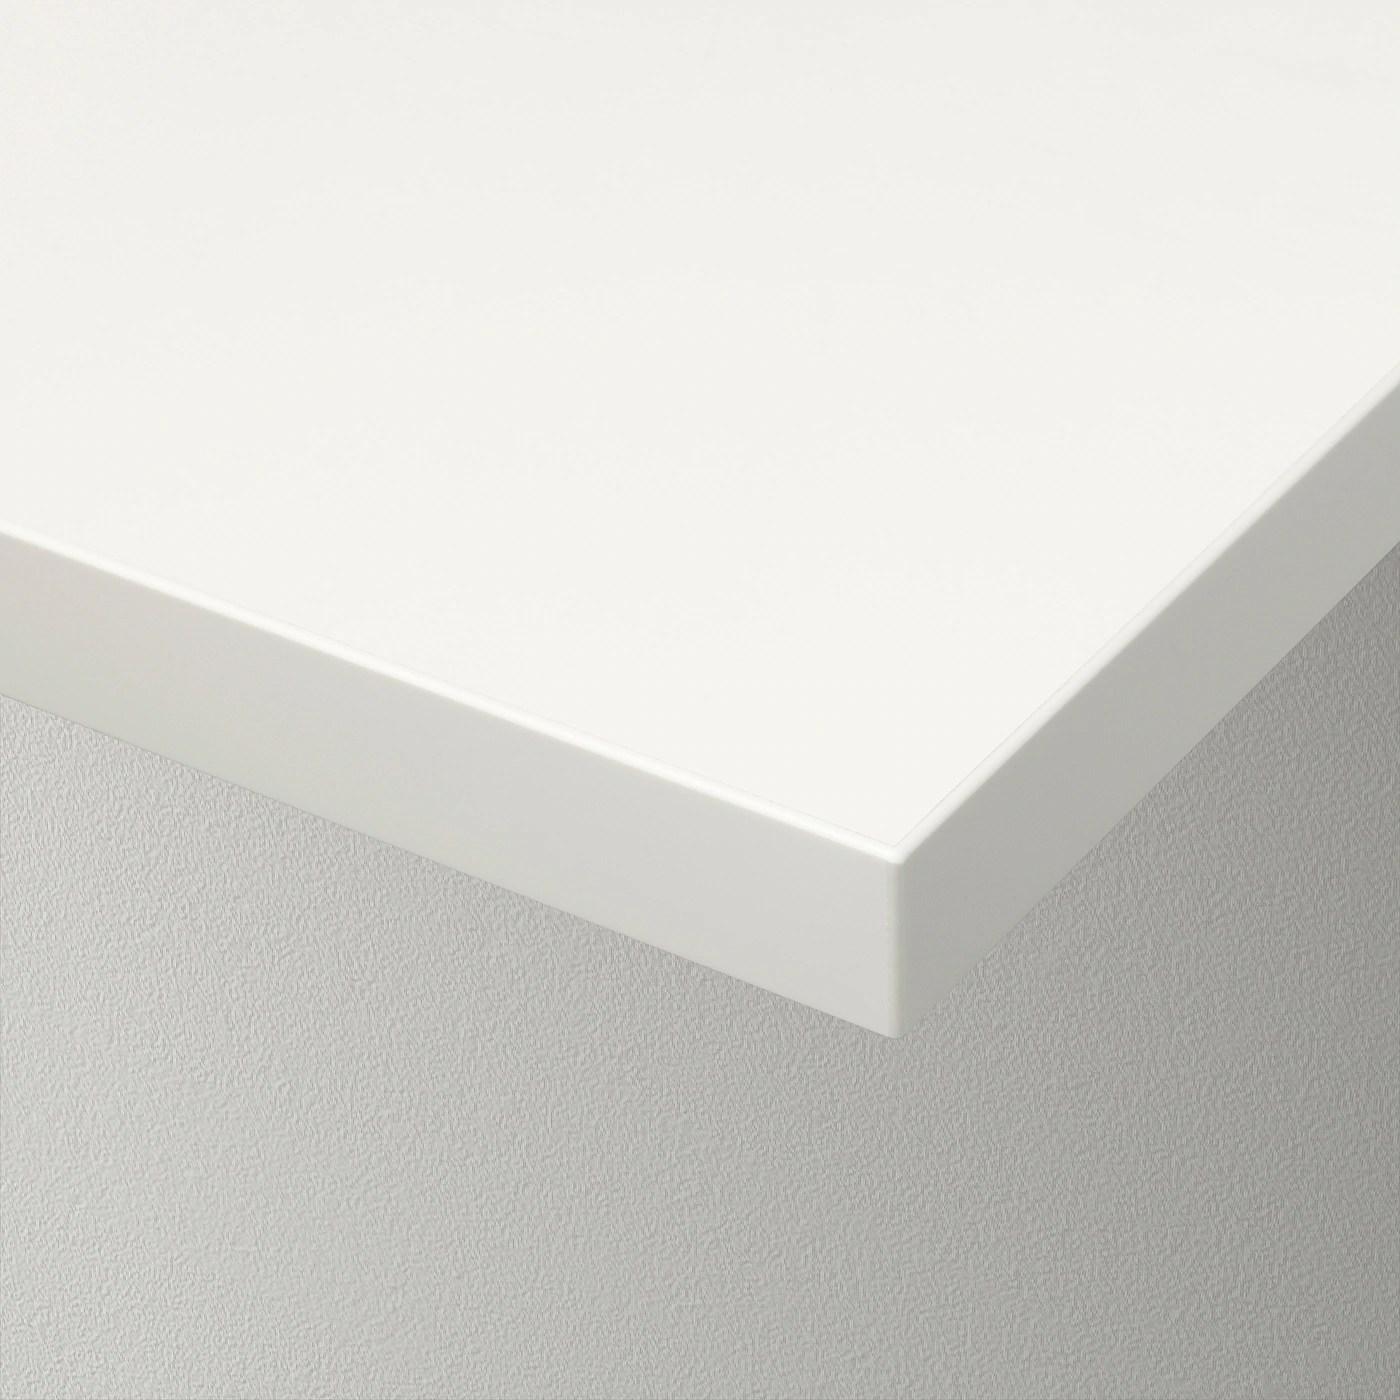 Nell'assortimento in vendita da ikea ce ne sono di tanti stili, misure e finiture diverse, con o senza staffe, alcune anche con cassetti. Bergshult Mensola Bianco 120x20 Cm Ikea It